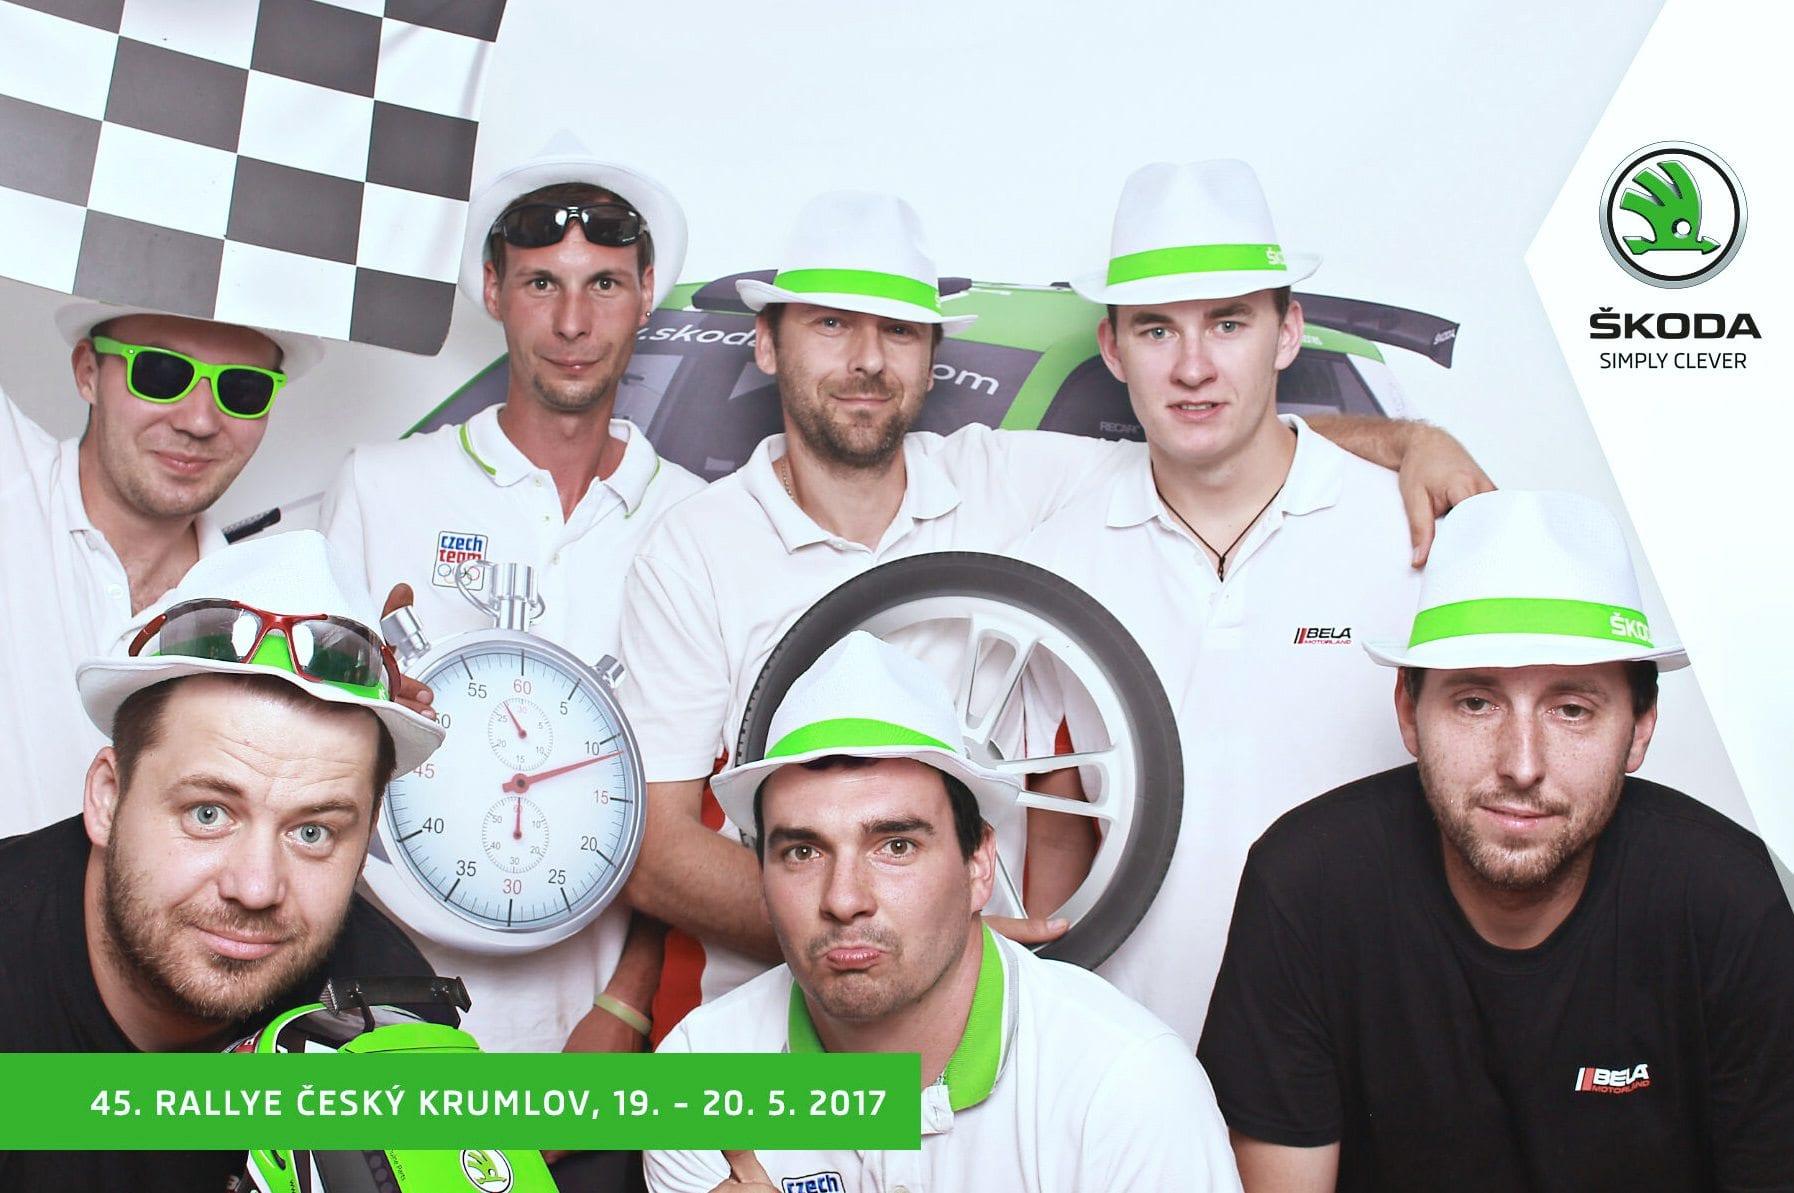 fotokoutek-45-rallye-cesky-krumlov-19-5-2017-247944